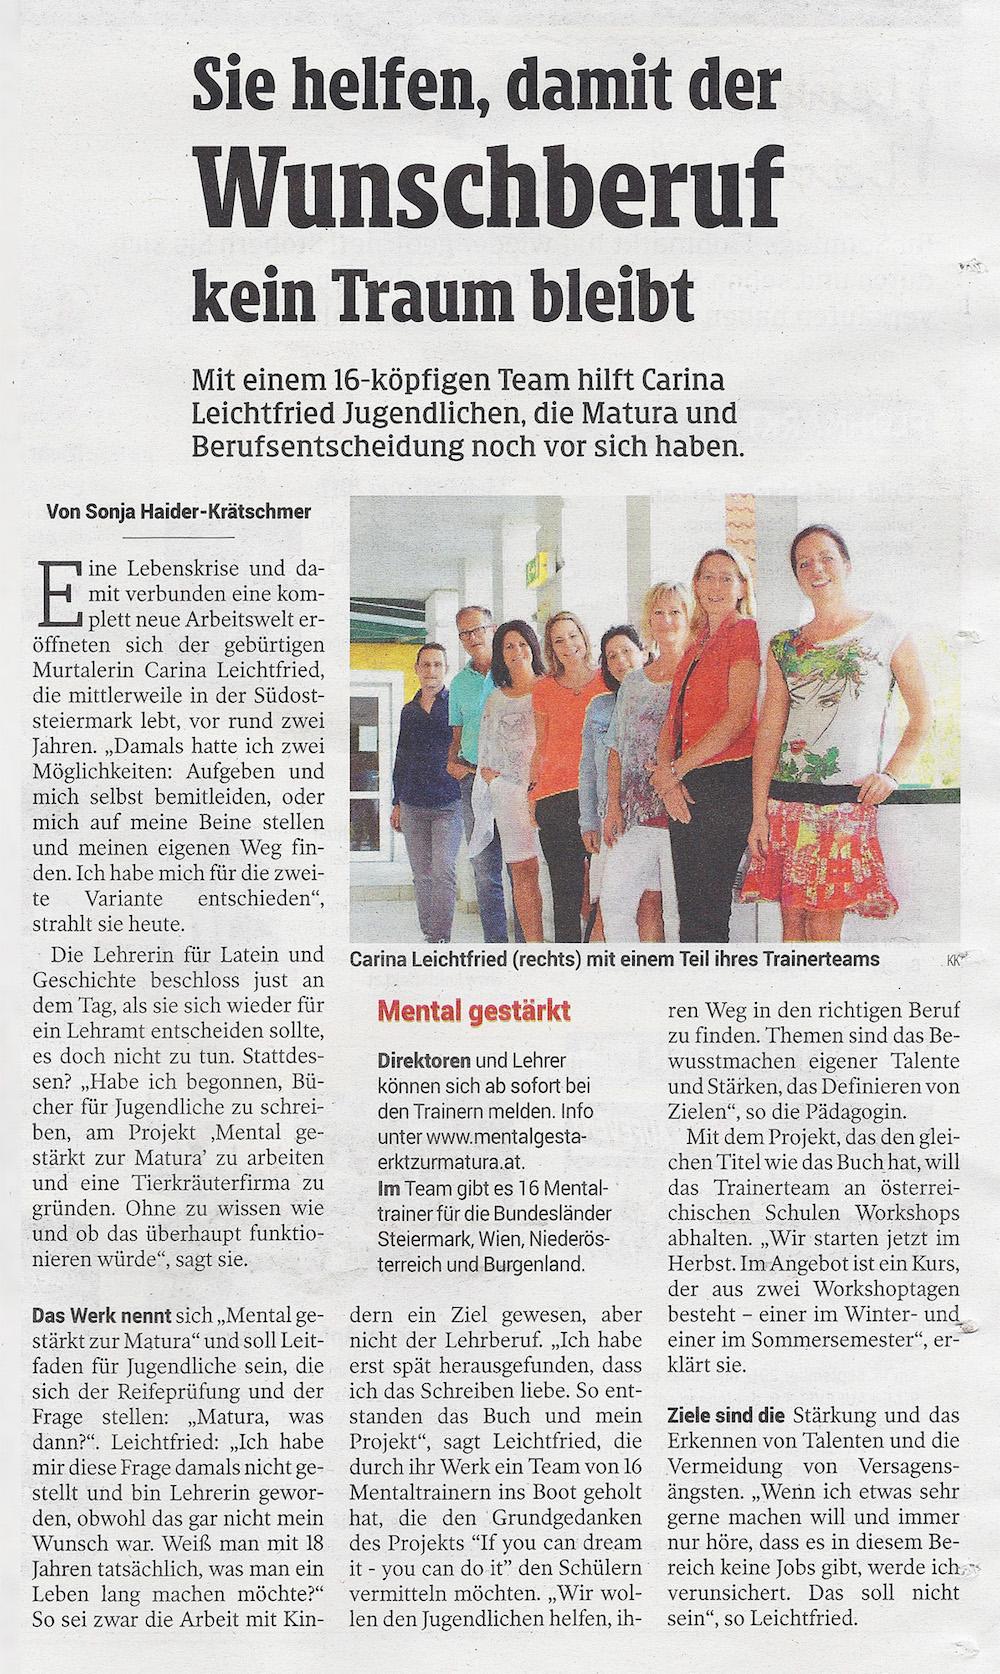 Kleine Zeitung - Am 11. September wurden Mental gestärkt zur Matura Projekt & Team in der Kleinen Zeitung vorgestellt